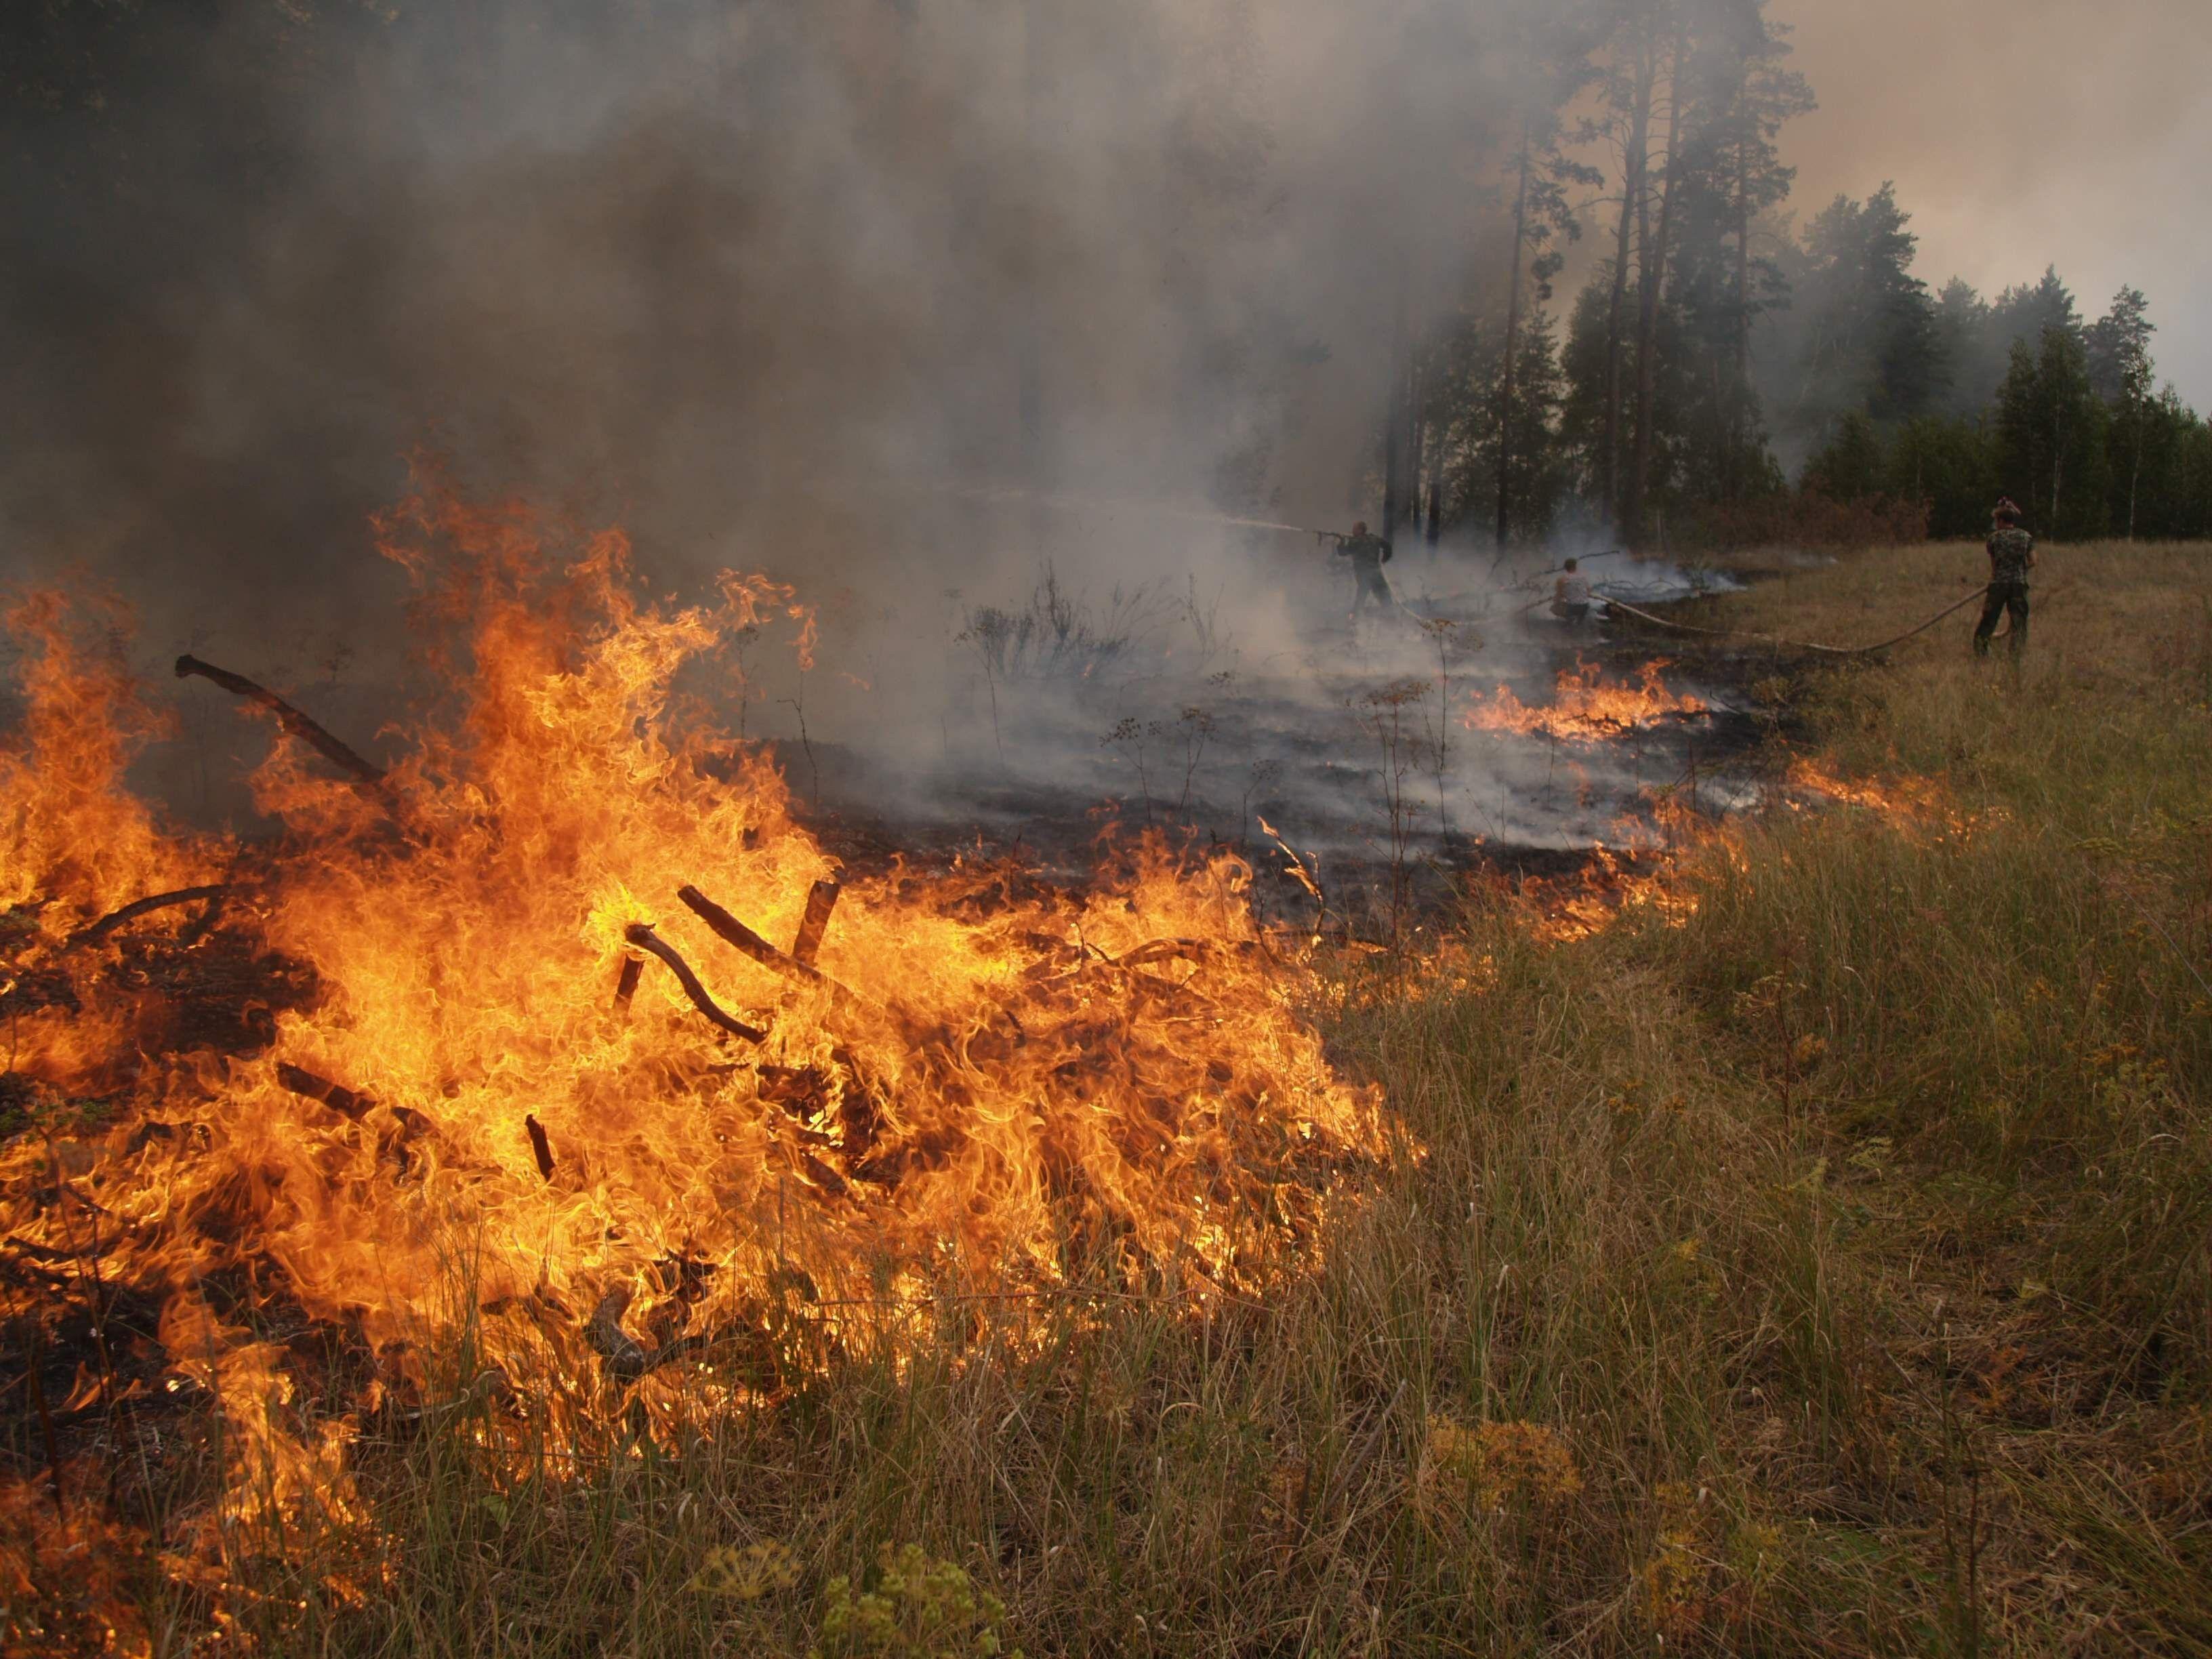 мчс гсчс пожар пожарники лес лесной / kharkiv.mns.gov.ua